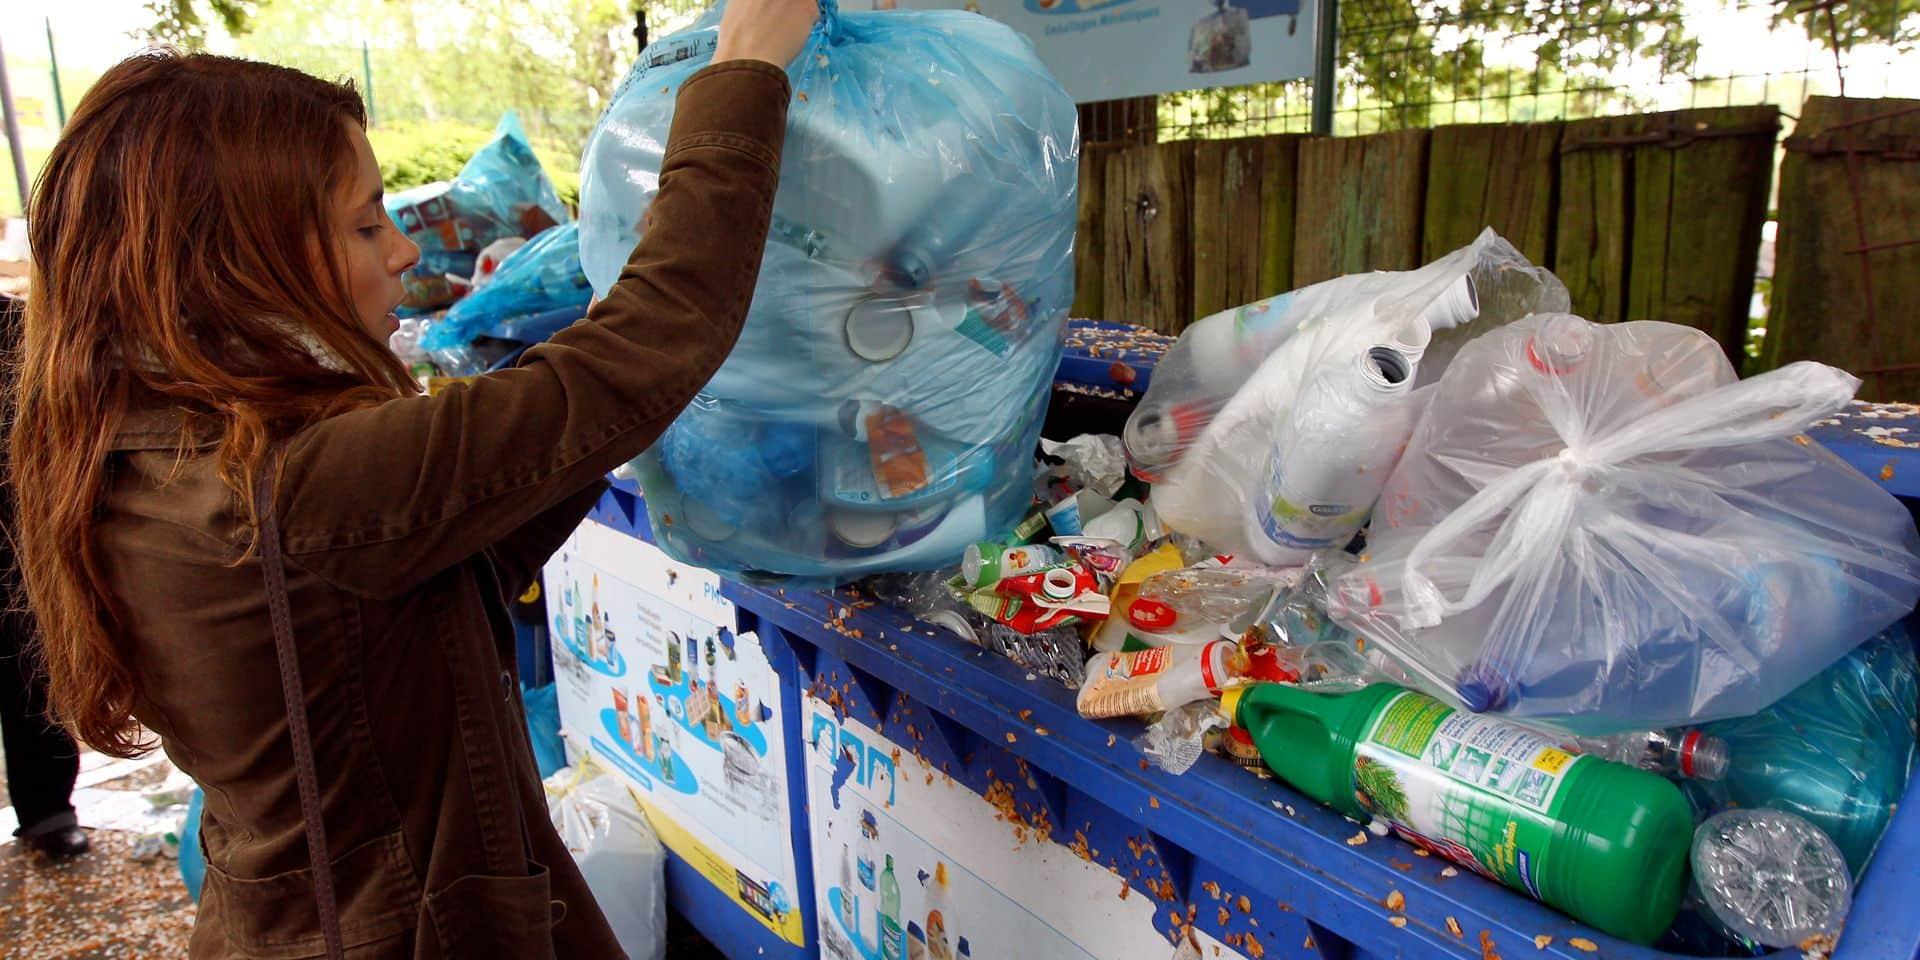 Pollueur-payeur? La ministre veut un meilleur équilibre en Brabant wallon